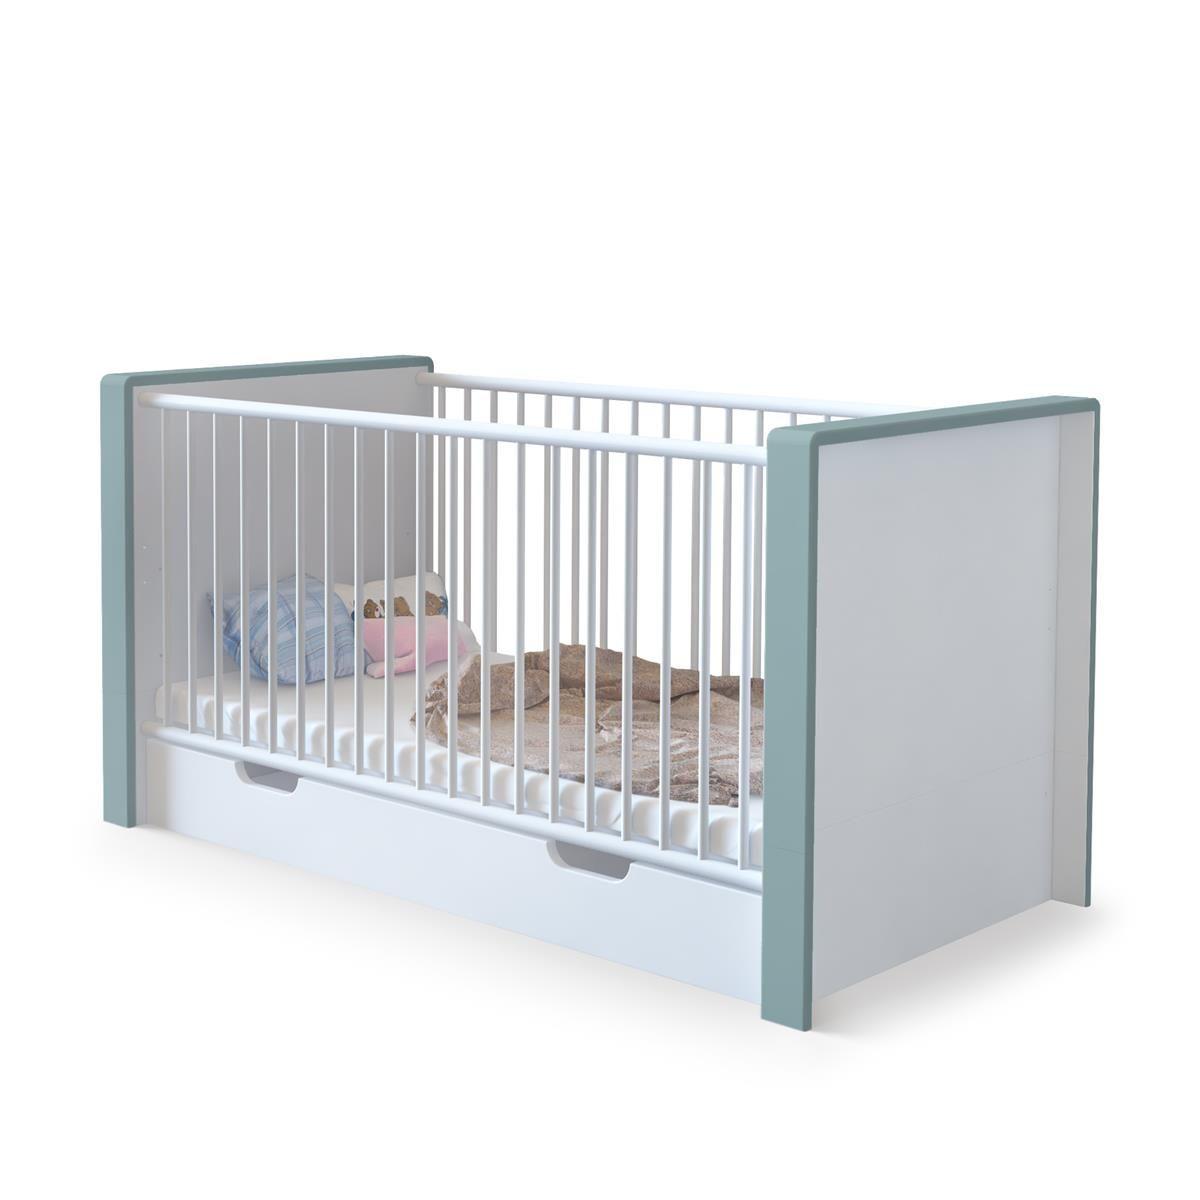 Nandini Babybett ist umbaubar zu einem Juniorbett und wächst damit ...